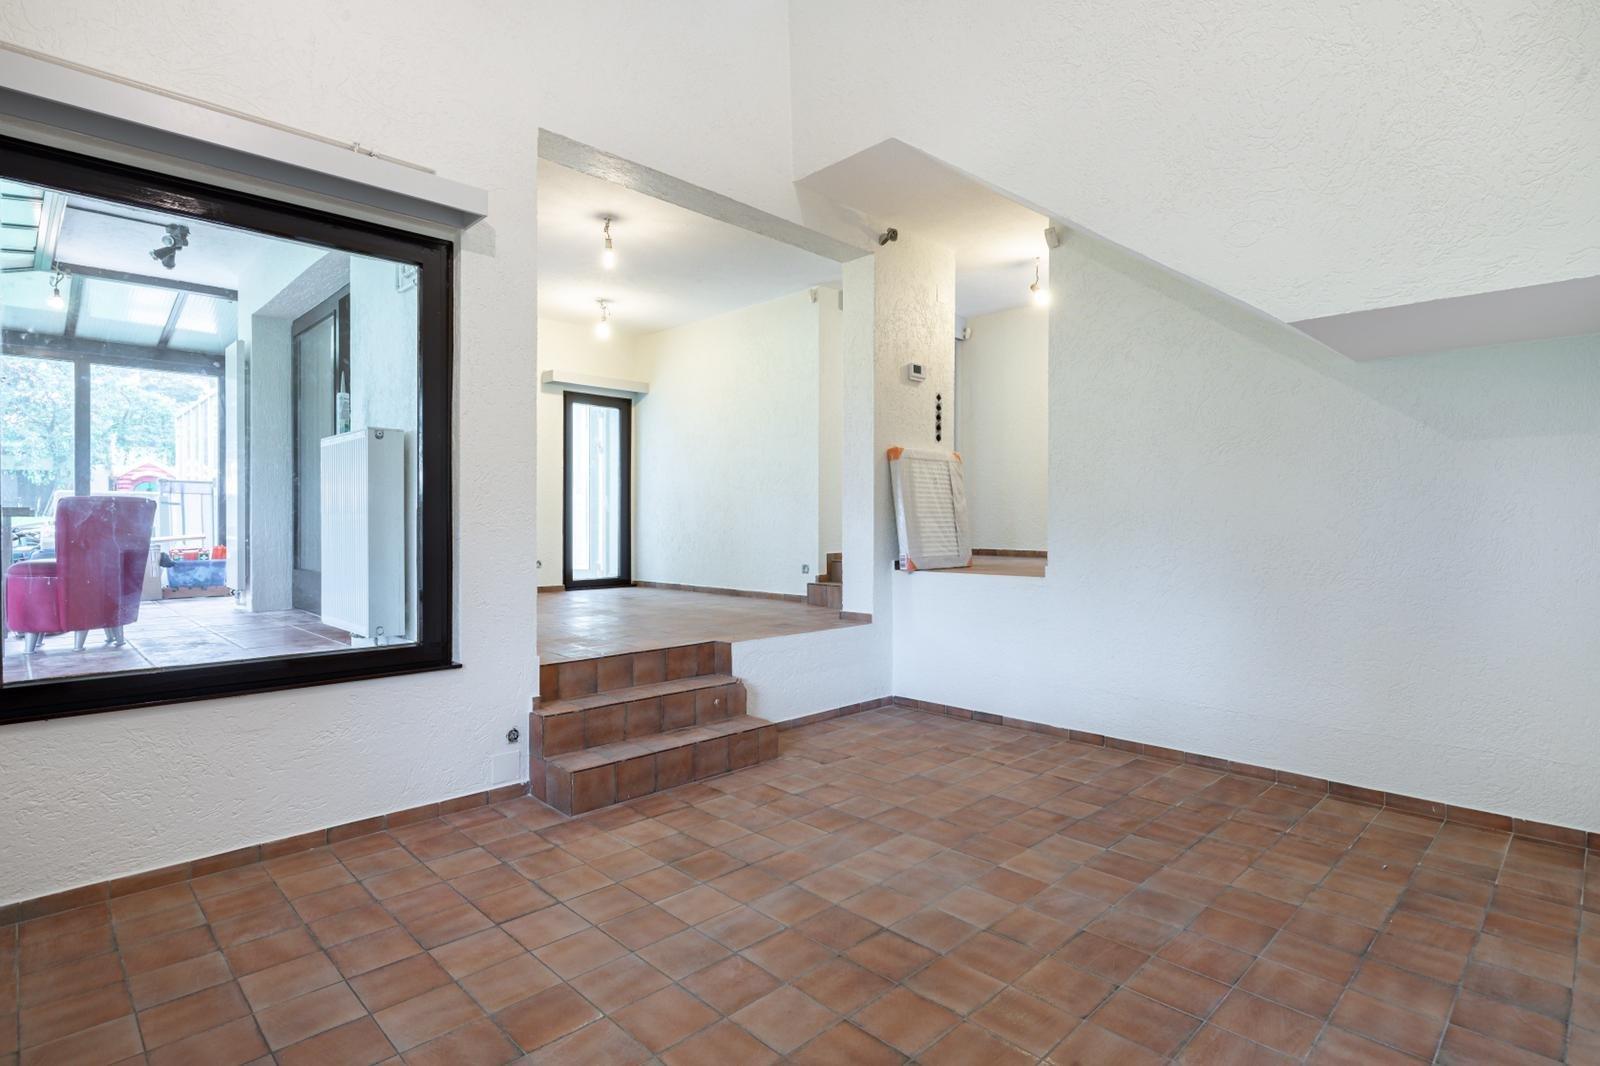 Verkauf Haus - Kuborn - Luxemburg